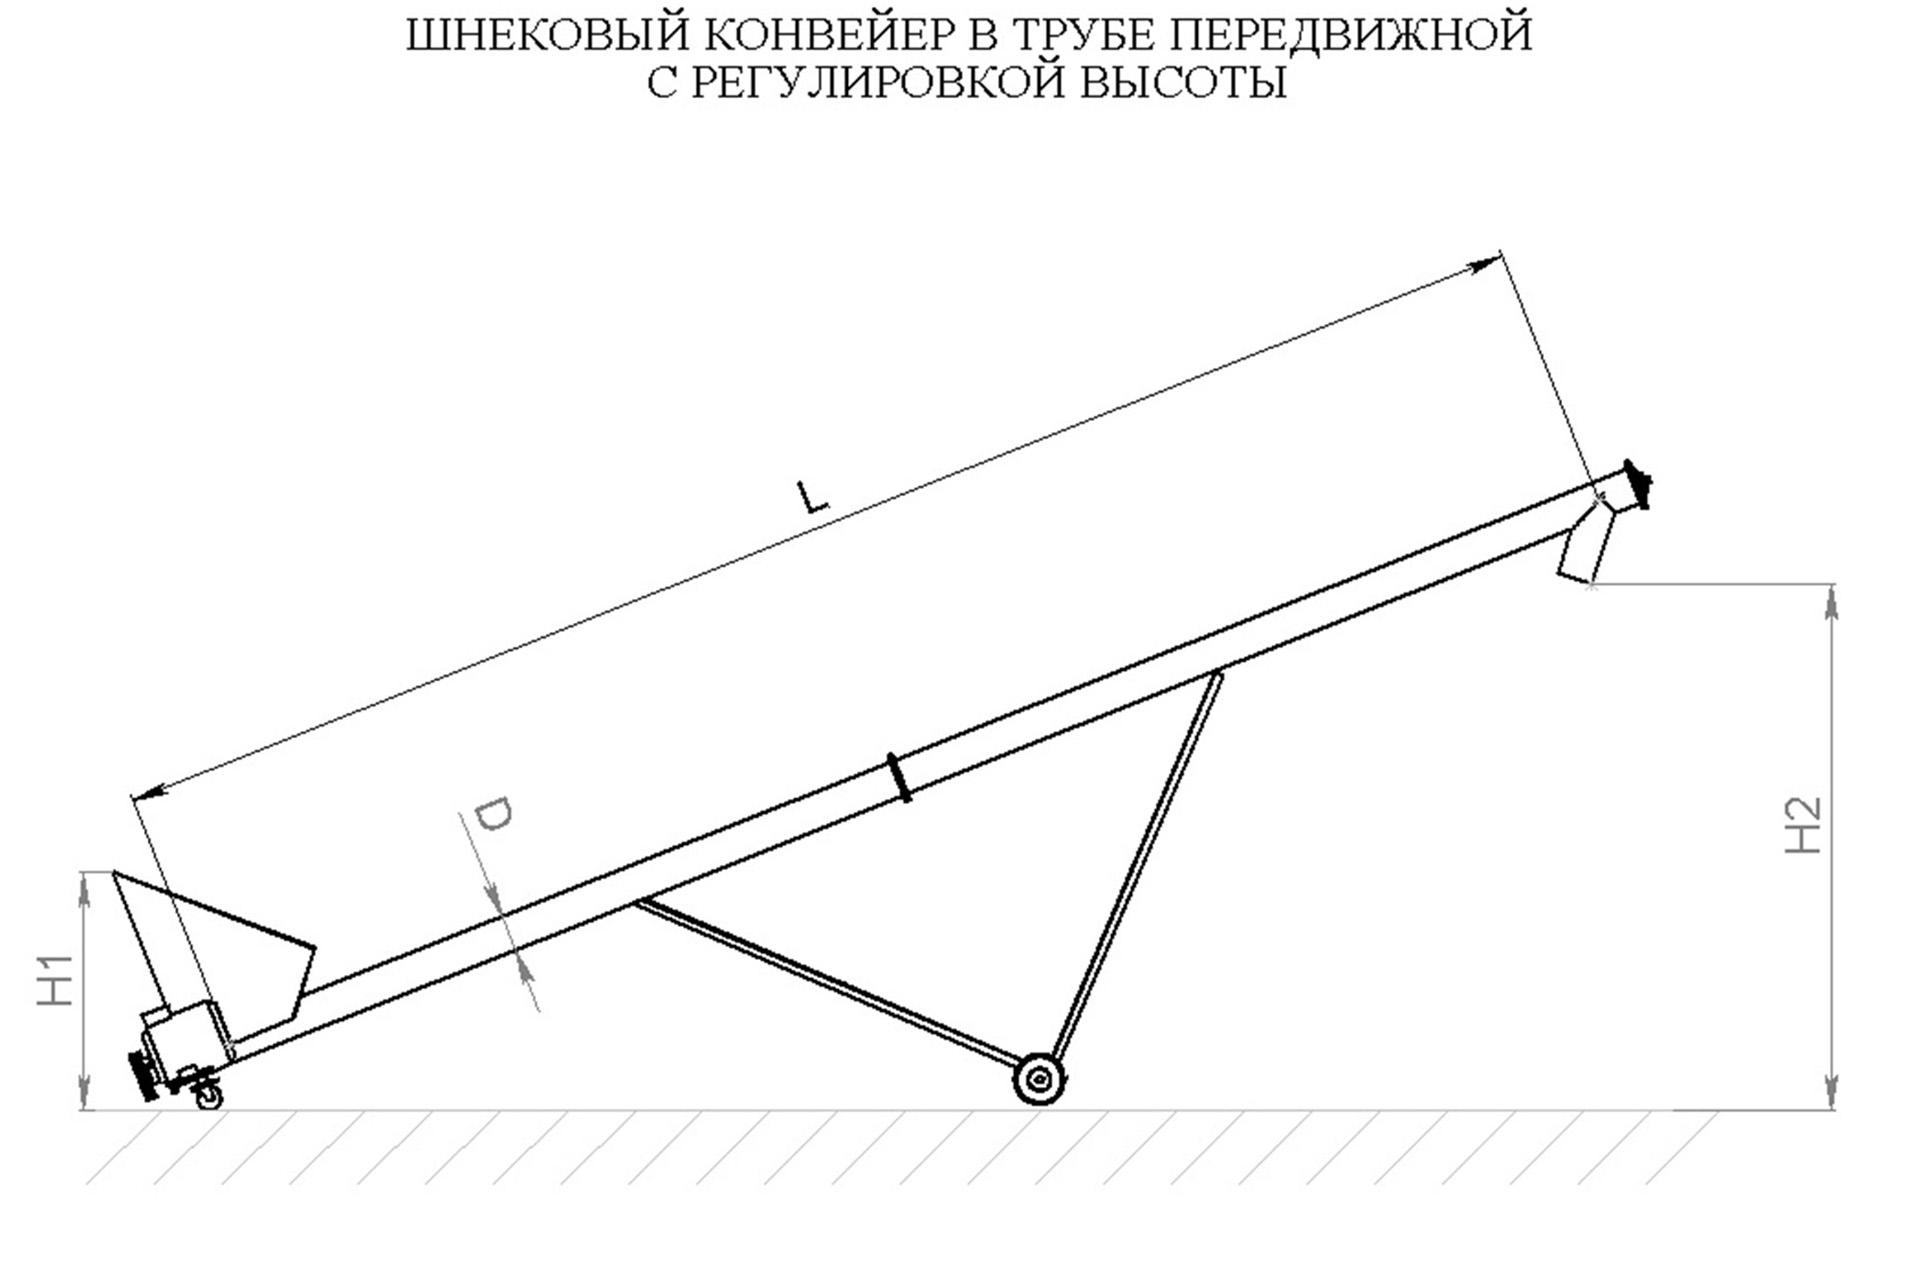 Шнековые транспортеры: области применения, характеристики отдельных видов